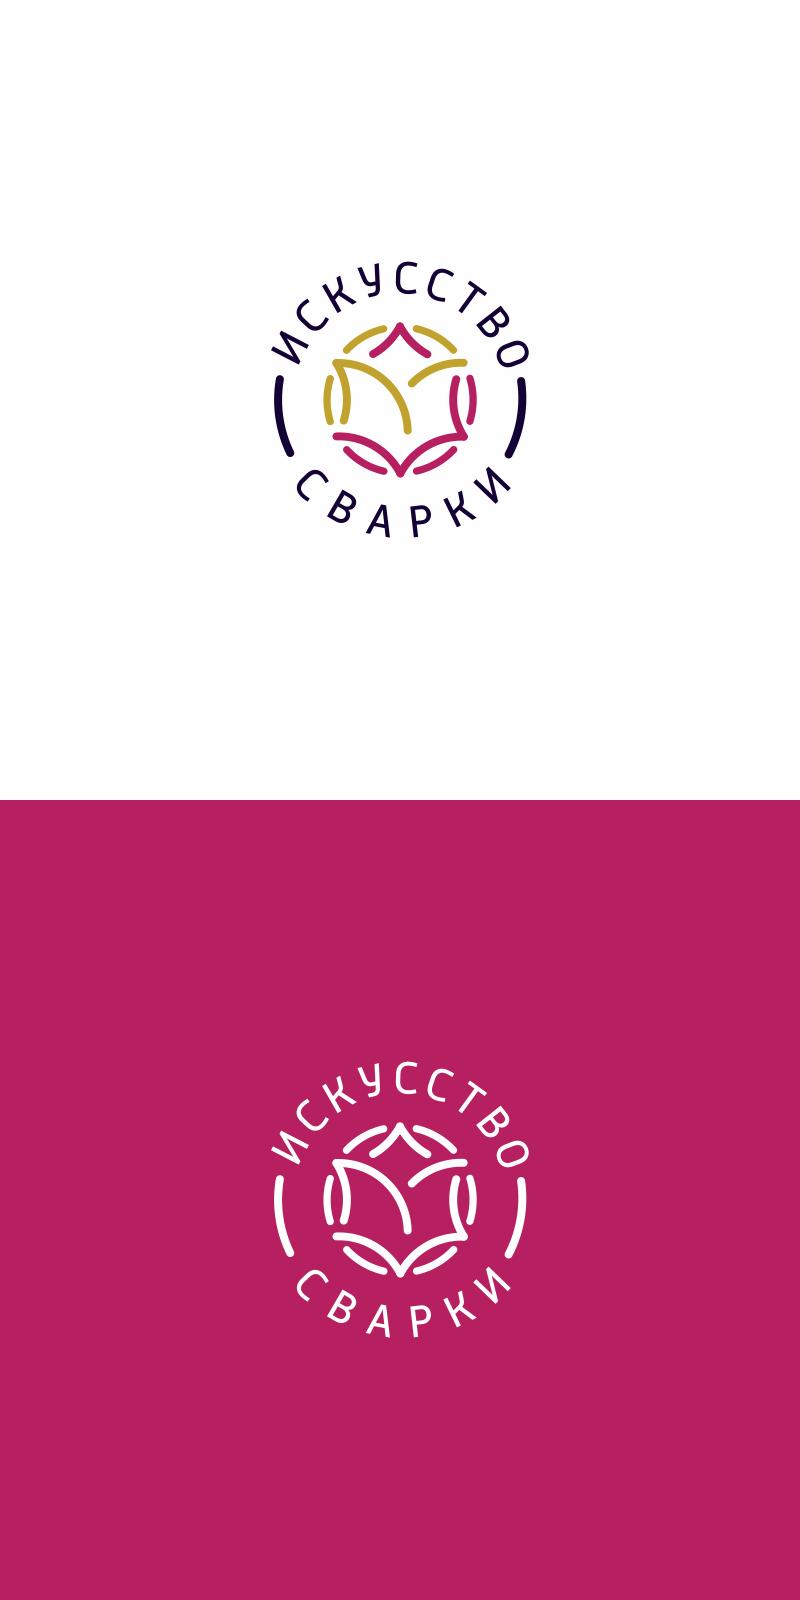 Разработка логотипа для Конкурса фото f_8605f70dcae4144c.png